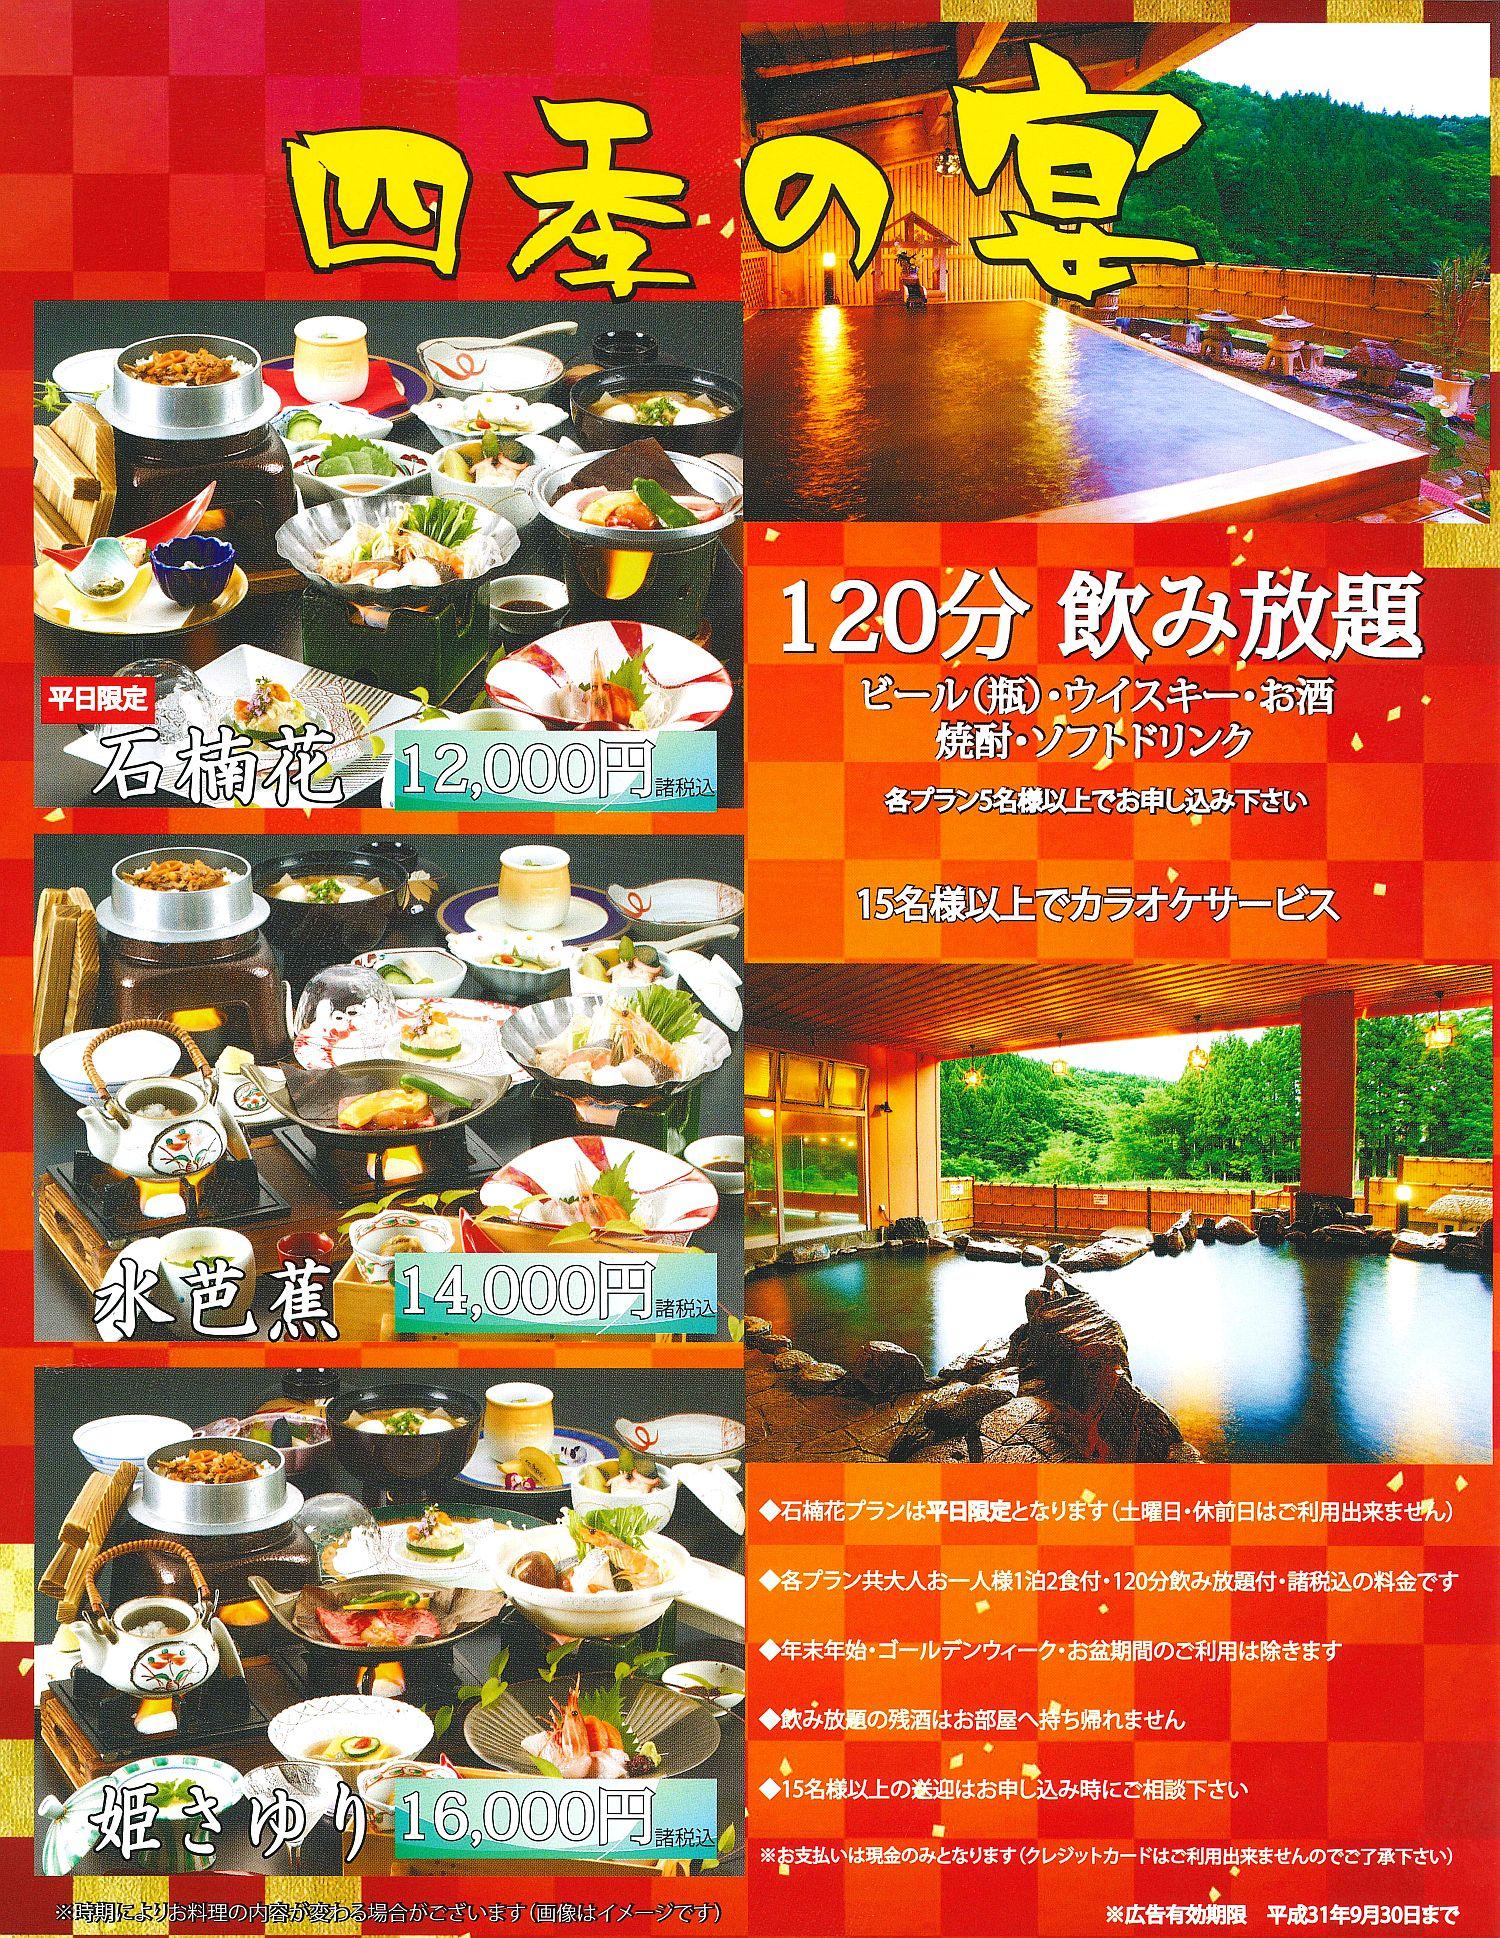 【飲み放題付】四季の宴 ~水芭蕉~